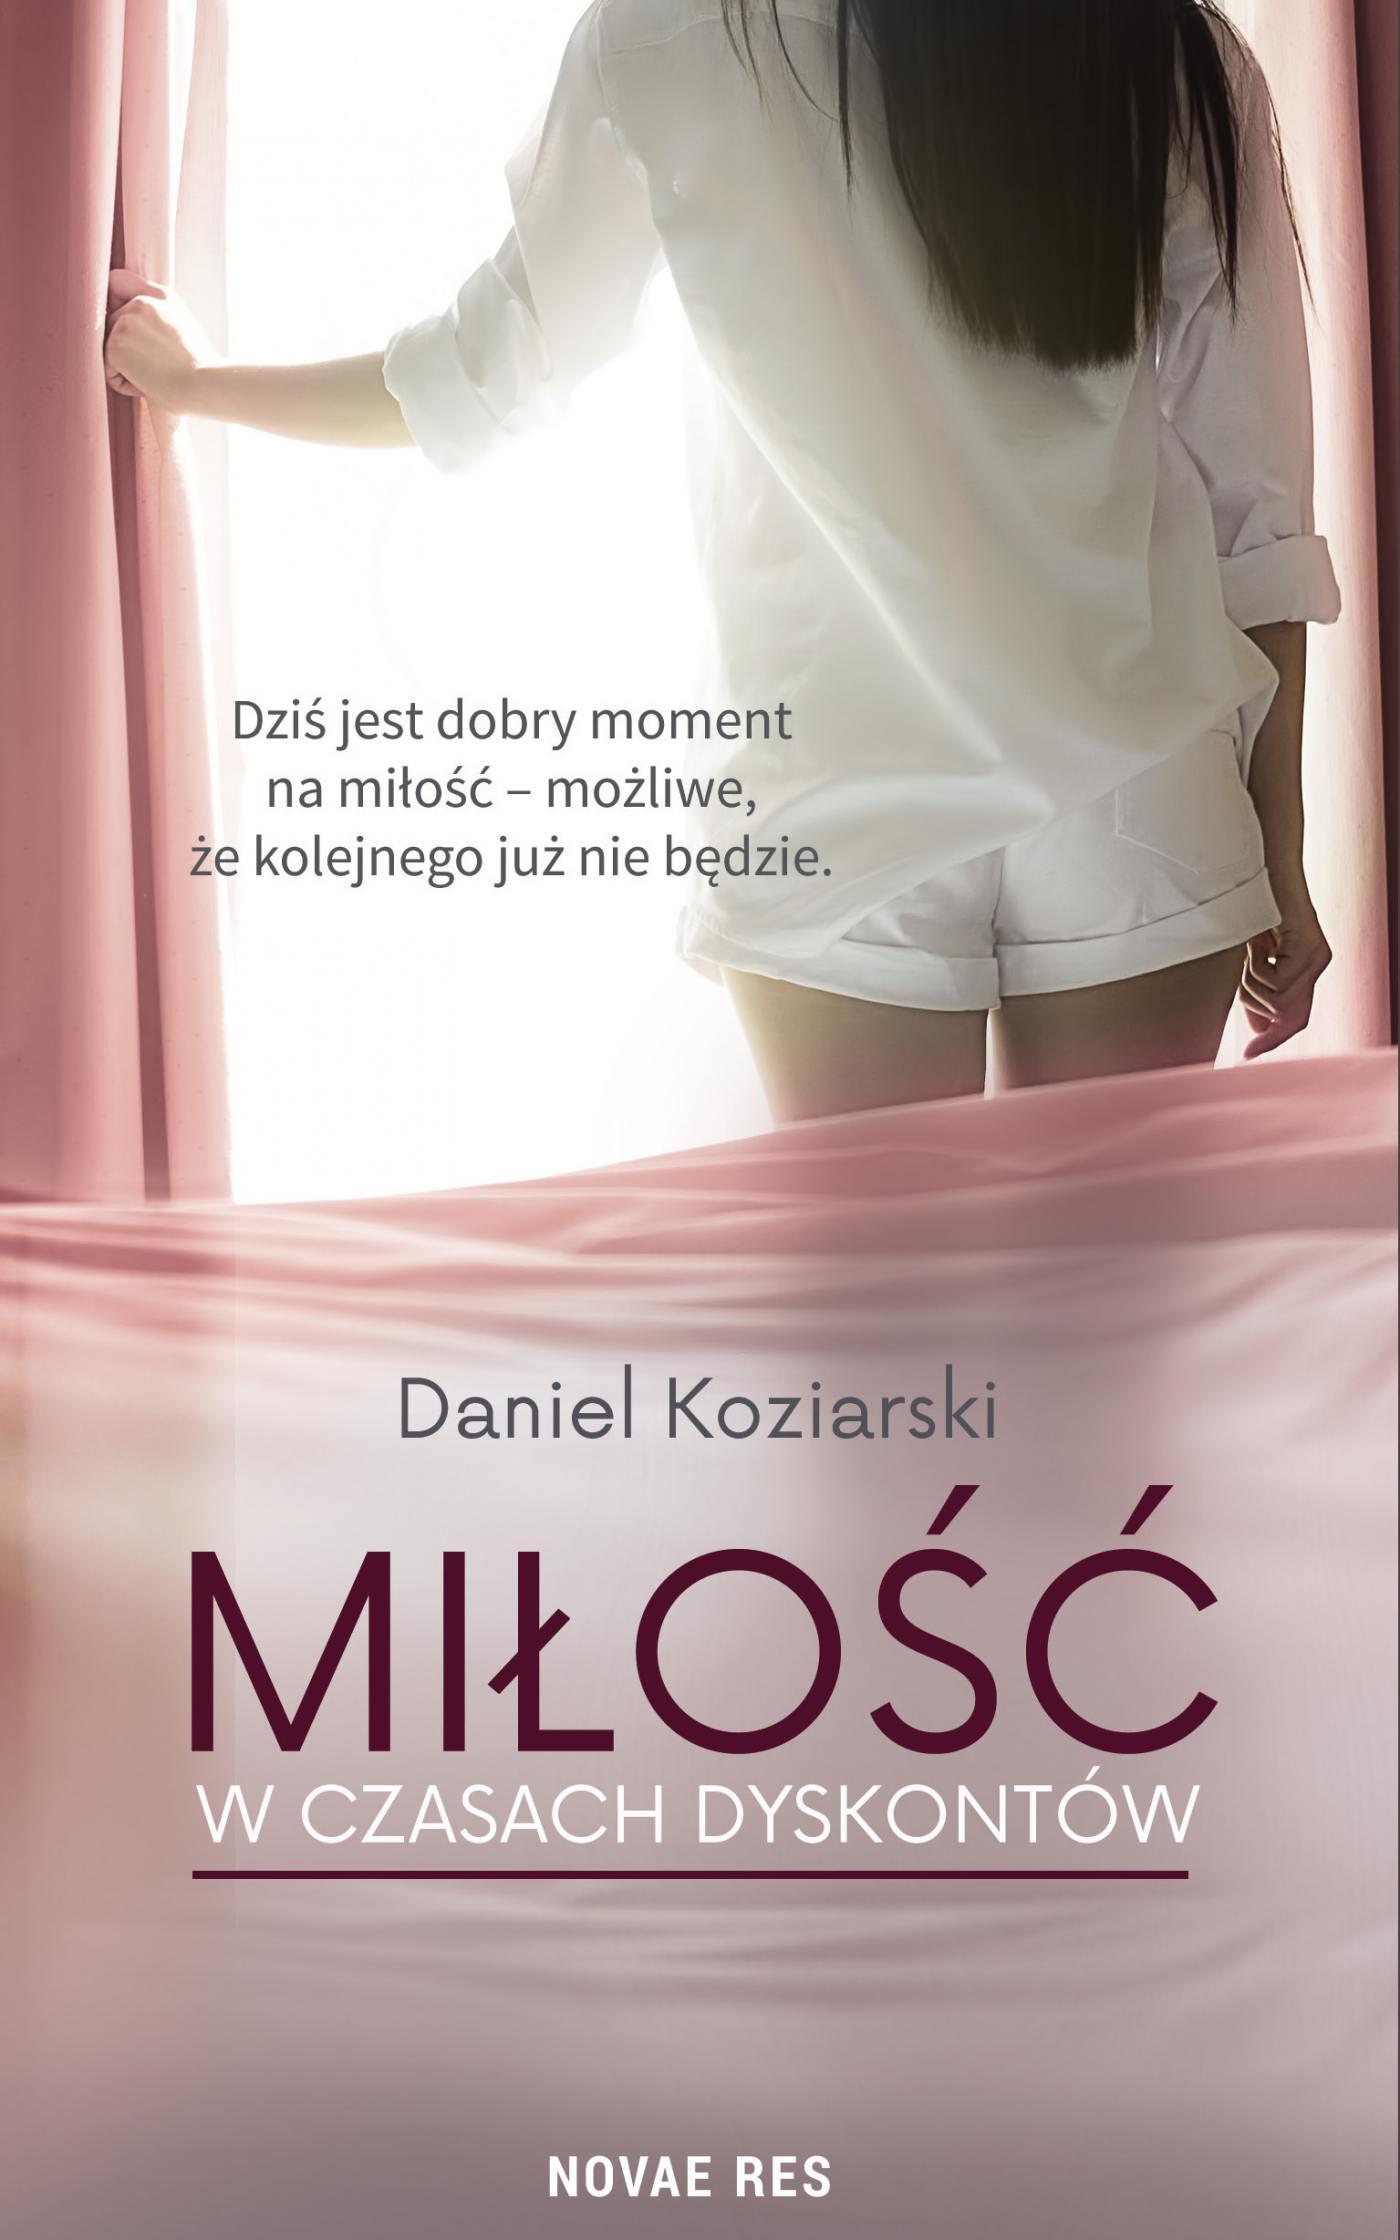 Miłość w czasach dyskontów - Ebook (Książka EPUB) do pobrania w formacie EPUB